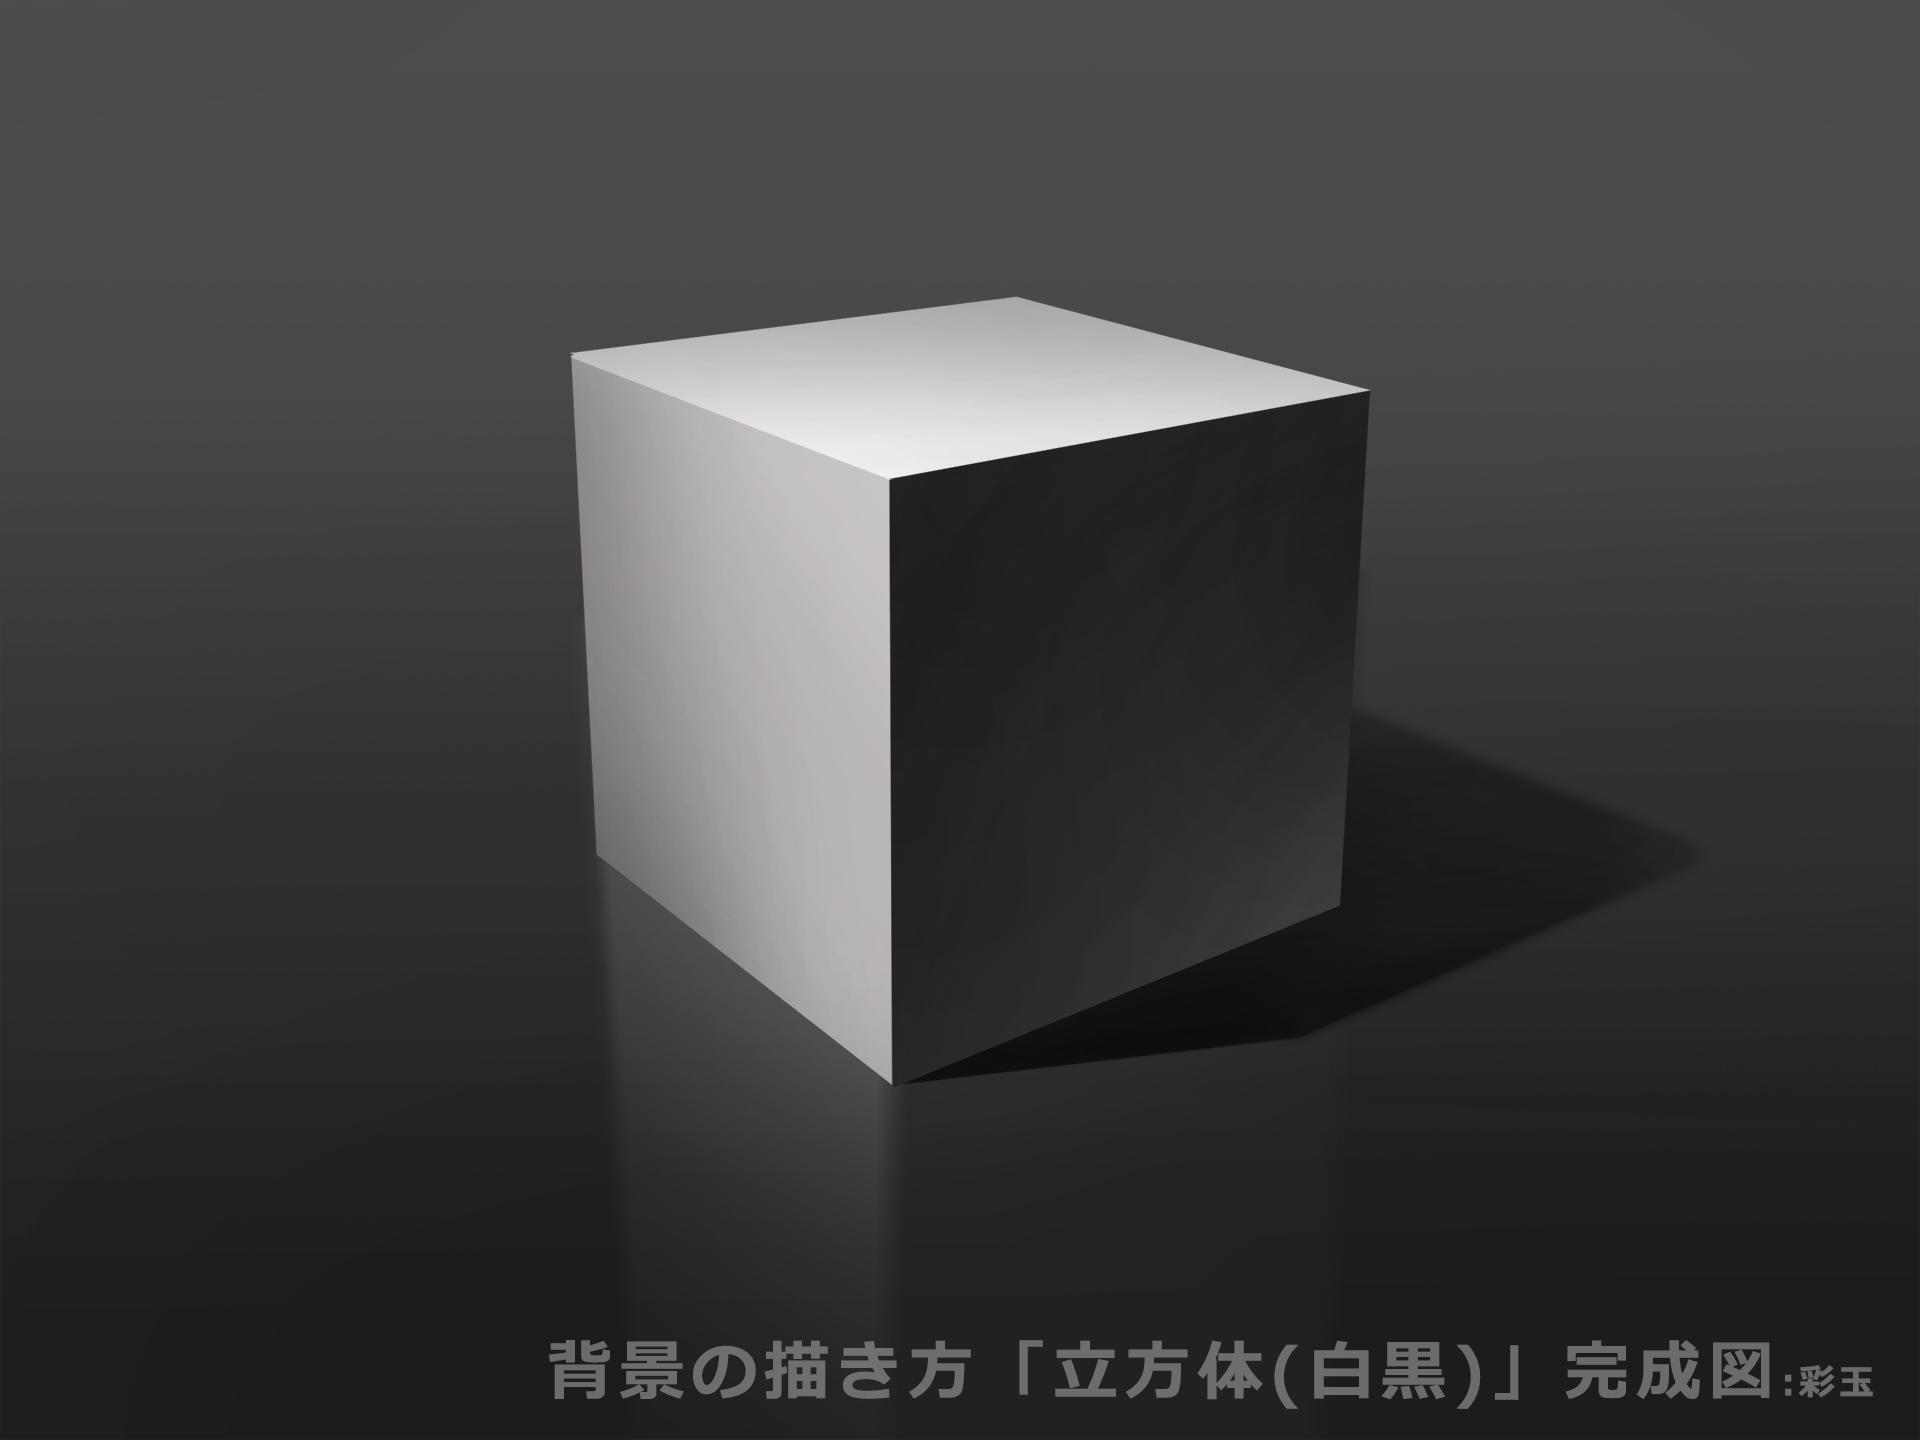 背景 立方体 彩玉